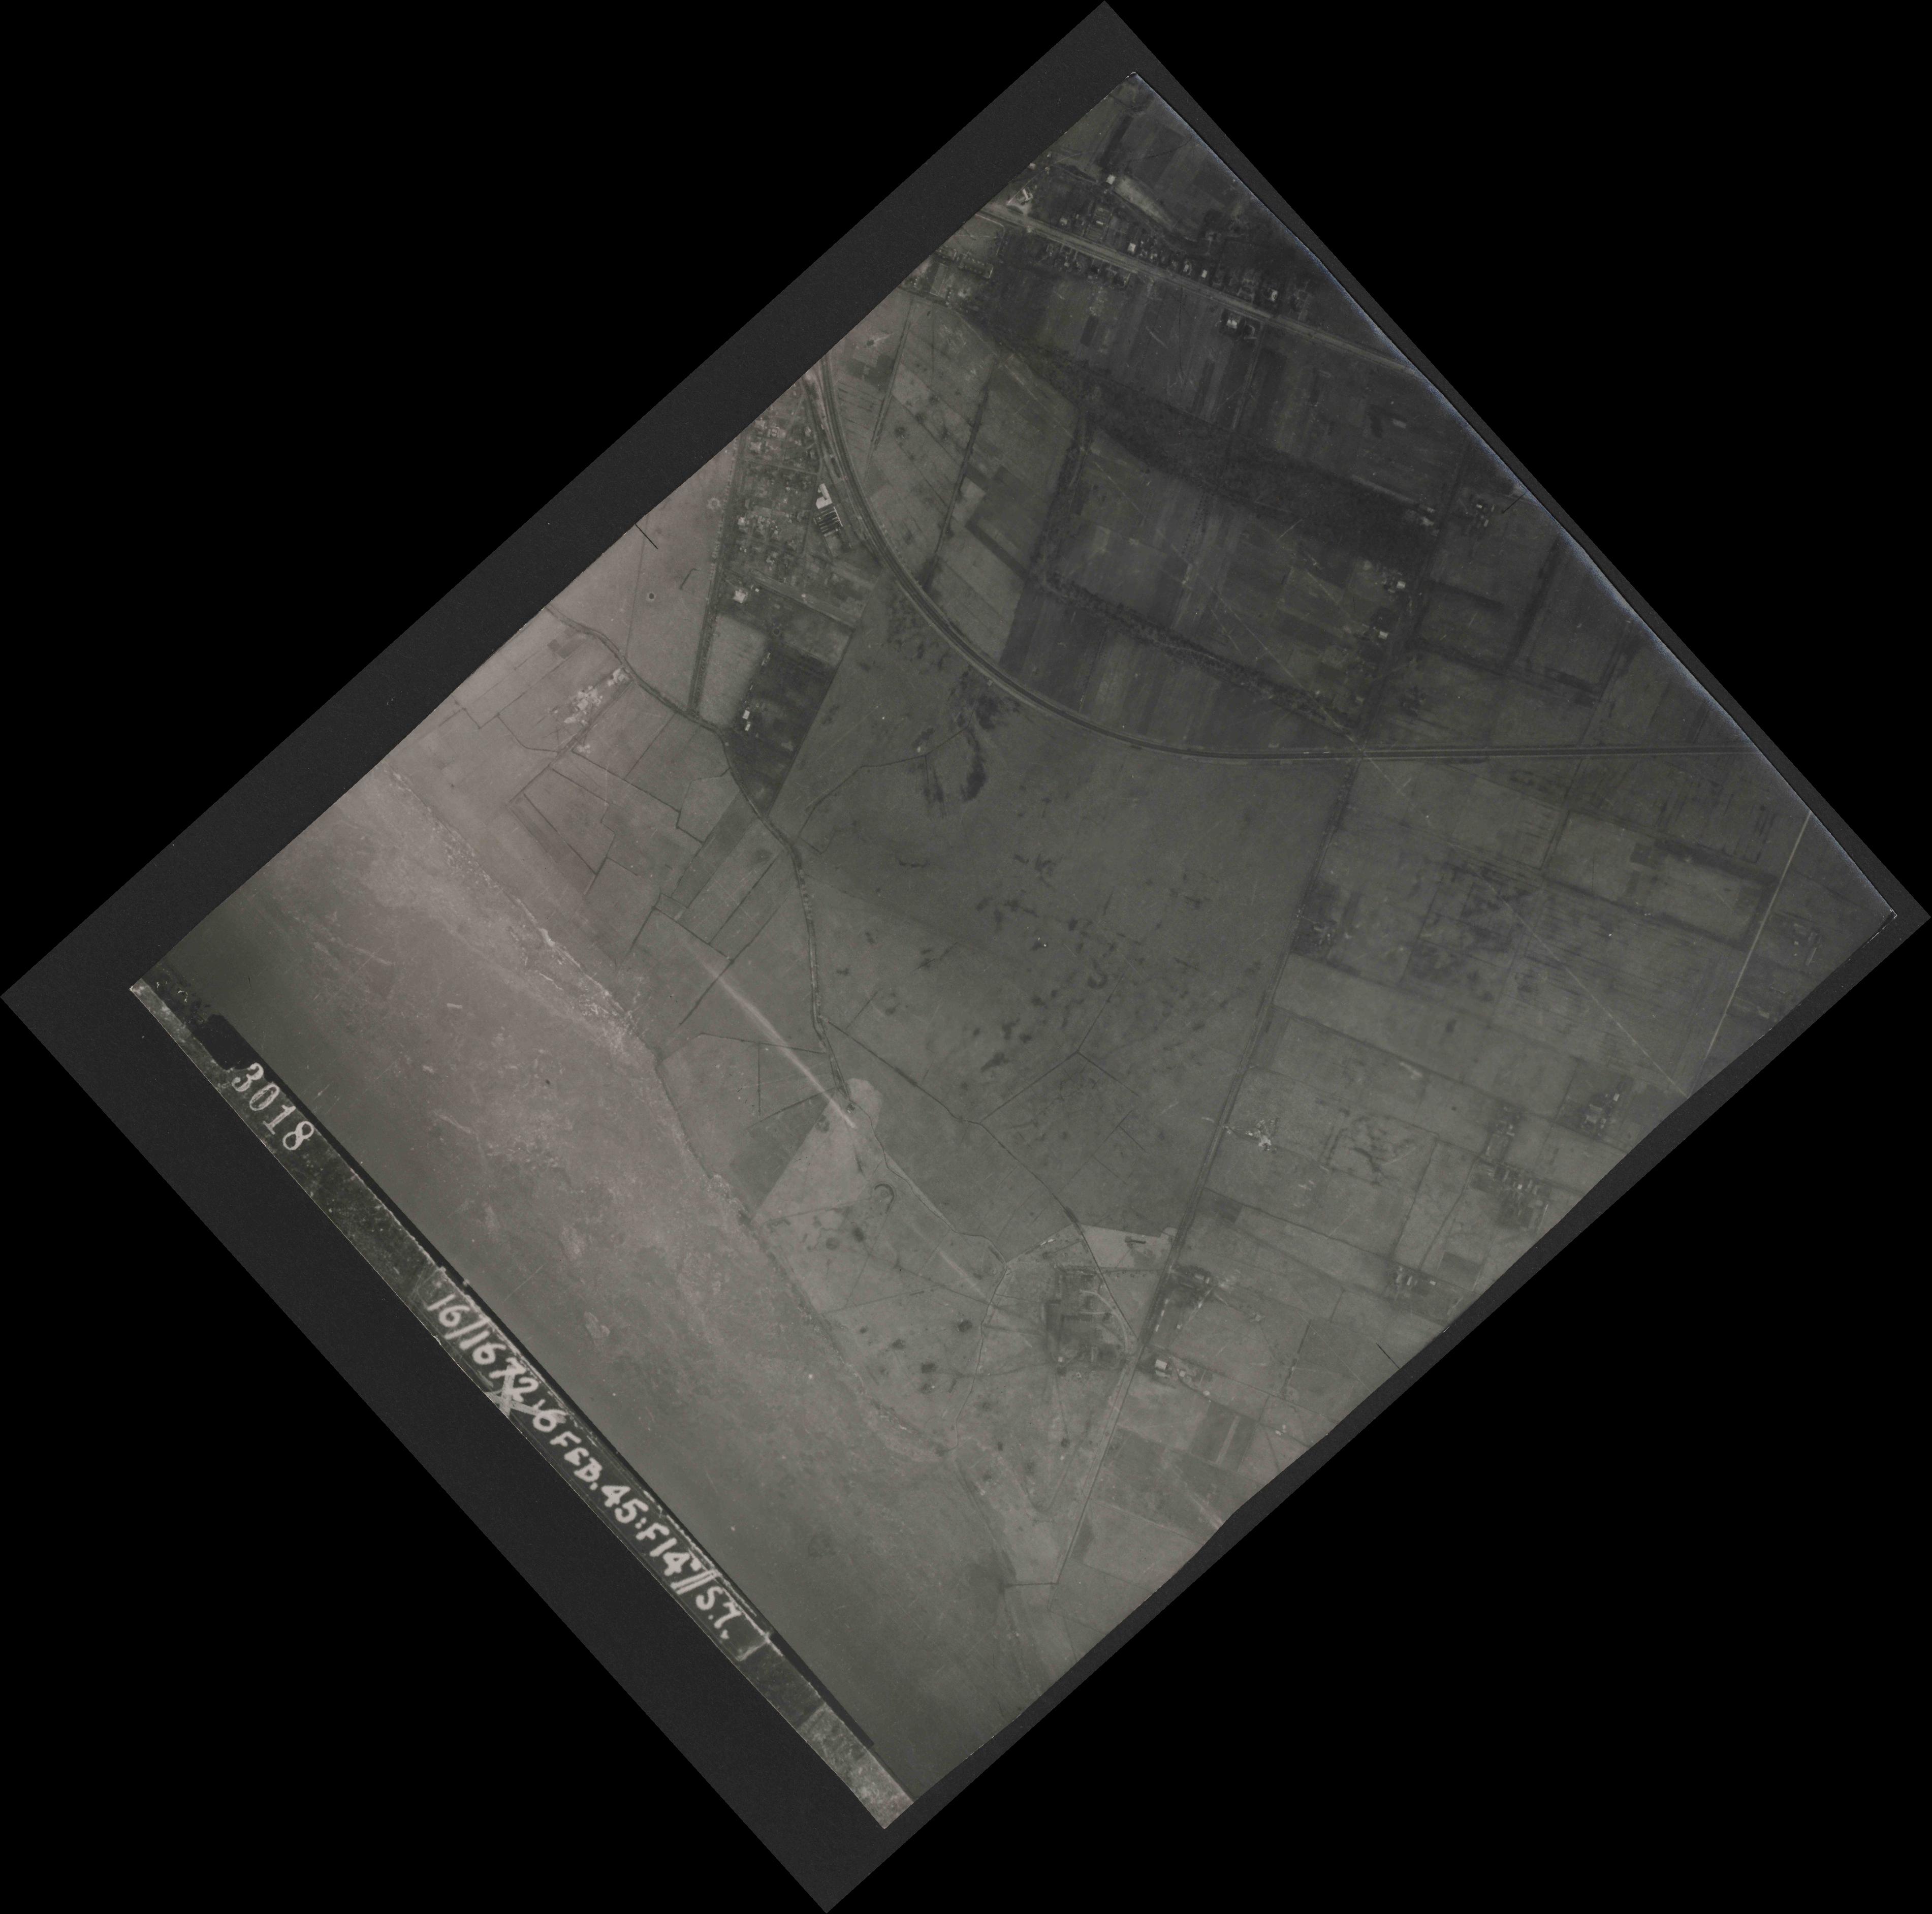 Collection RAF aerial photos 1940-1945 - flight 158, run 01, photo 3018